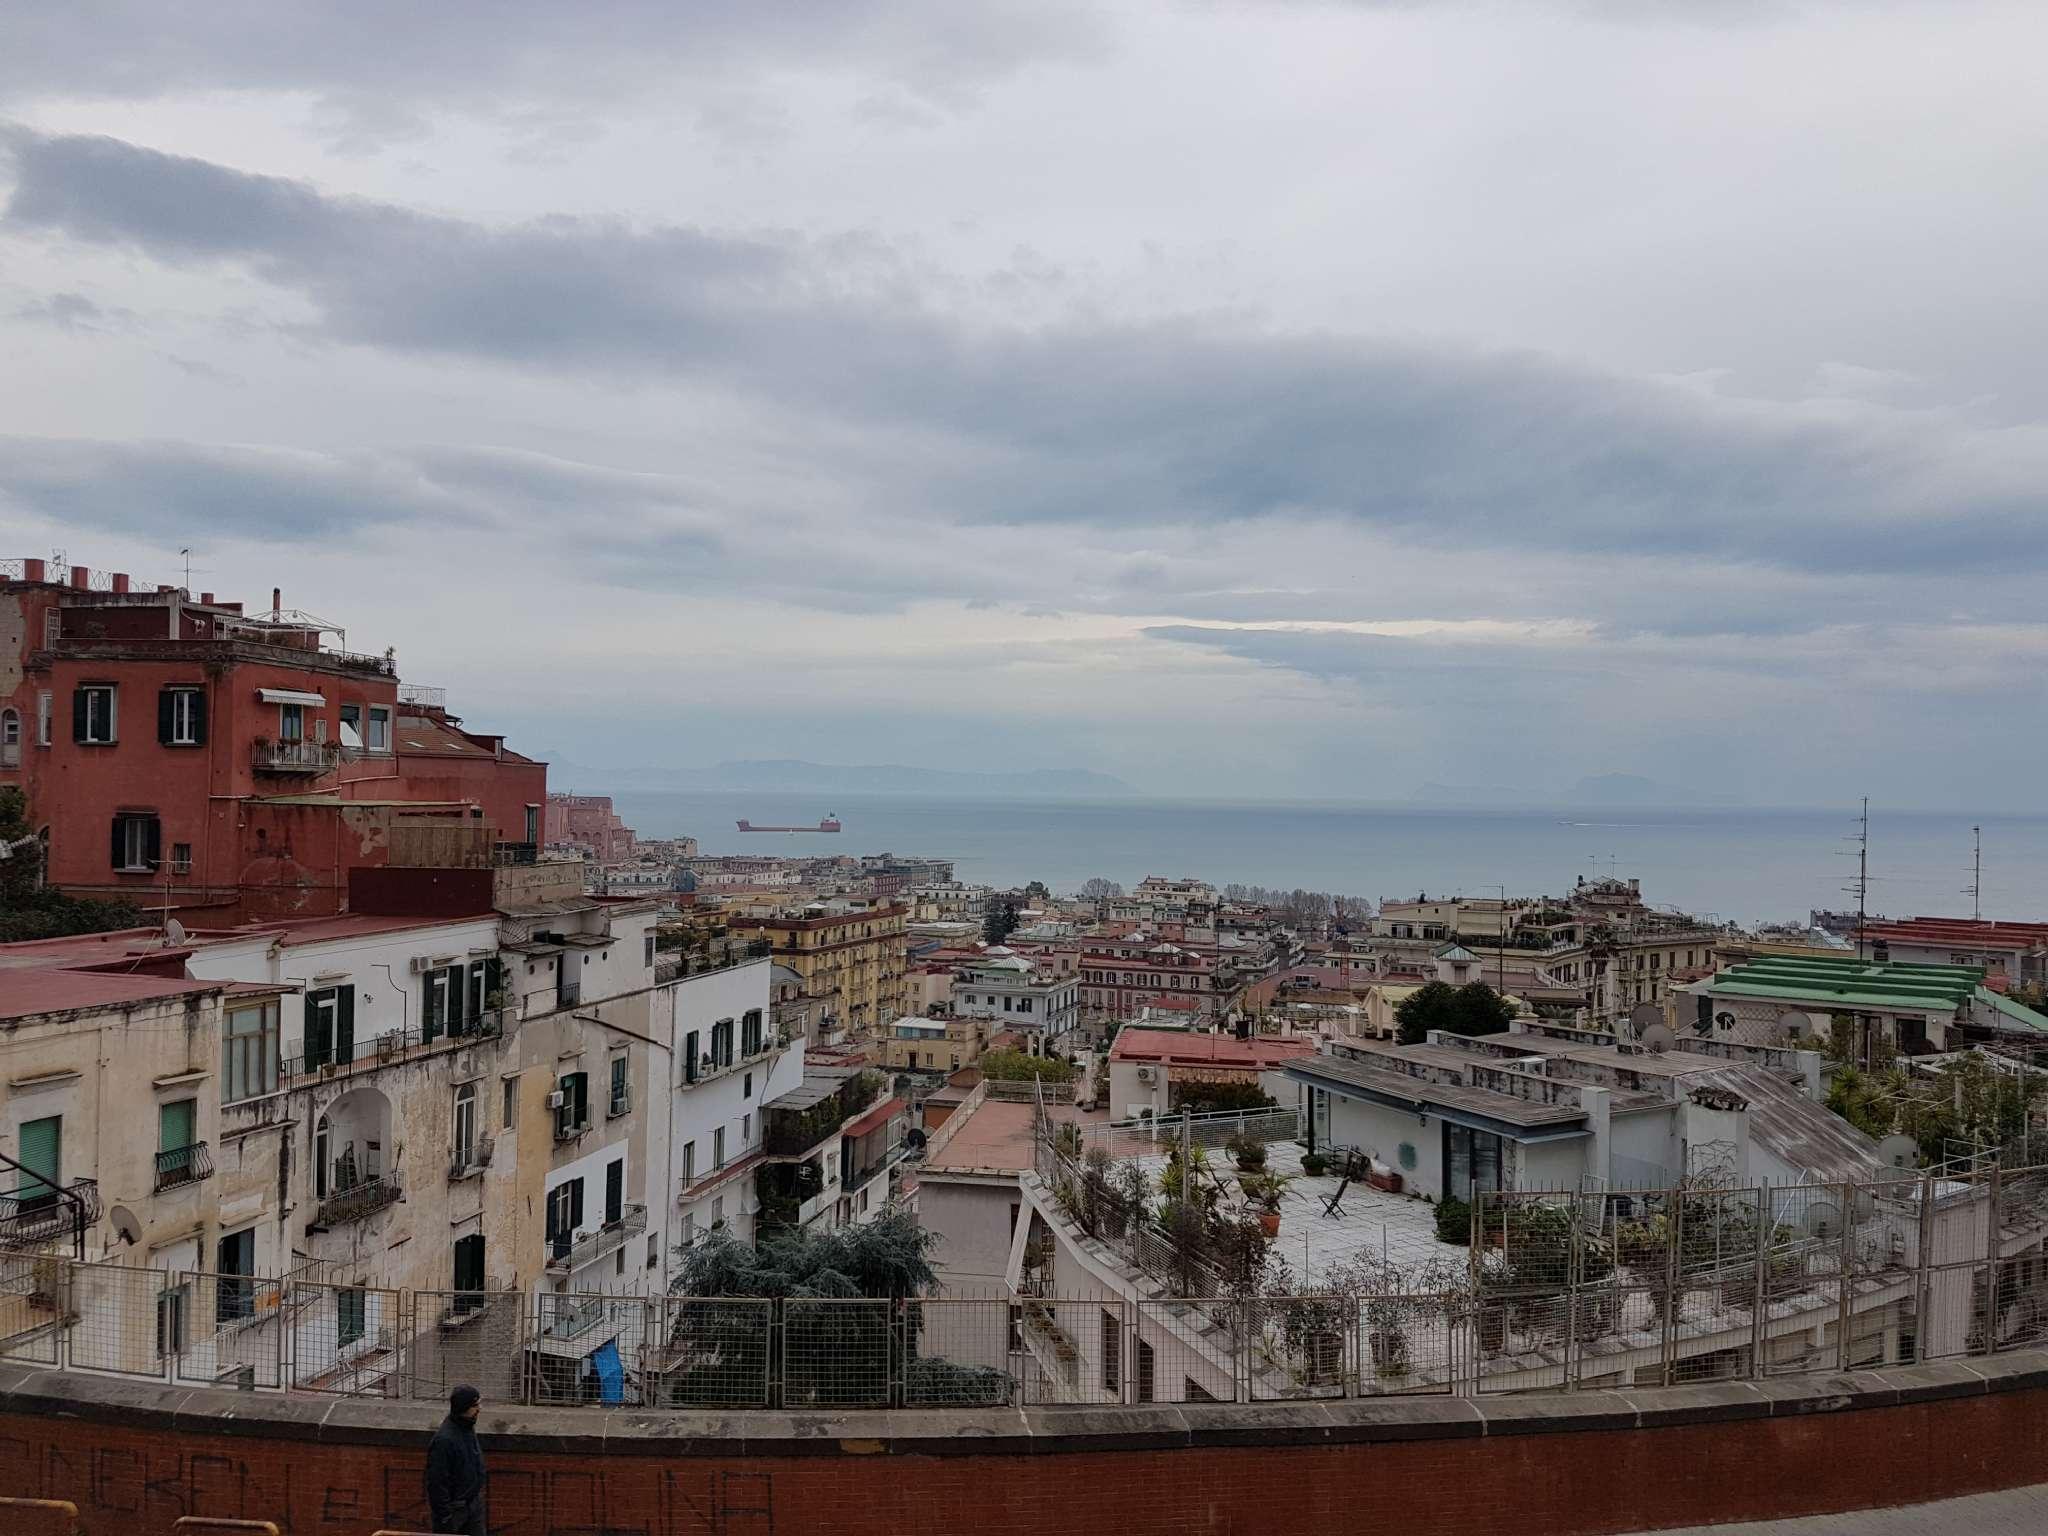 Appartamento in affitto a Napoli, 9999 locali, zona Zona: 1 . Chiaia, Posillipo, San Ferdinando, prezzo € 1.100 | Cambio Casa.it